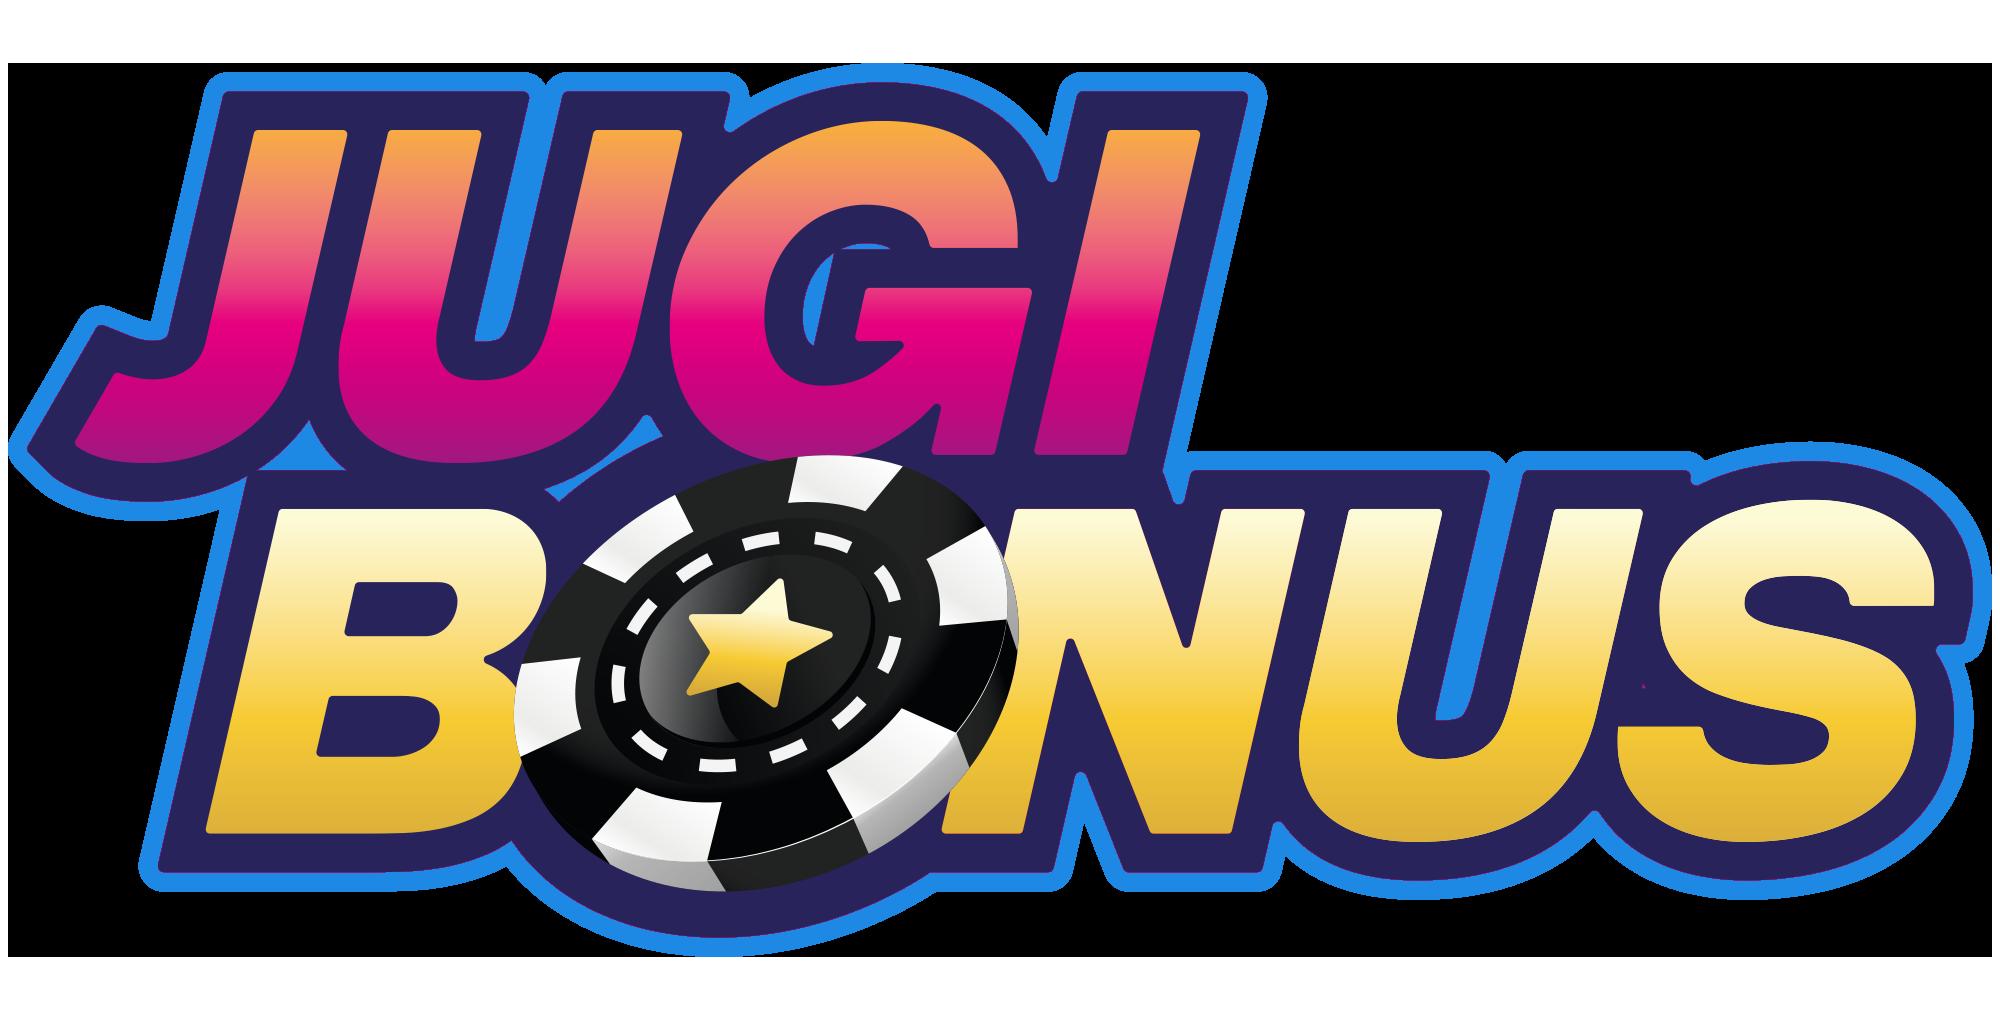 Jugibonus.com